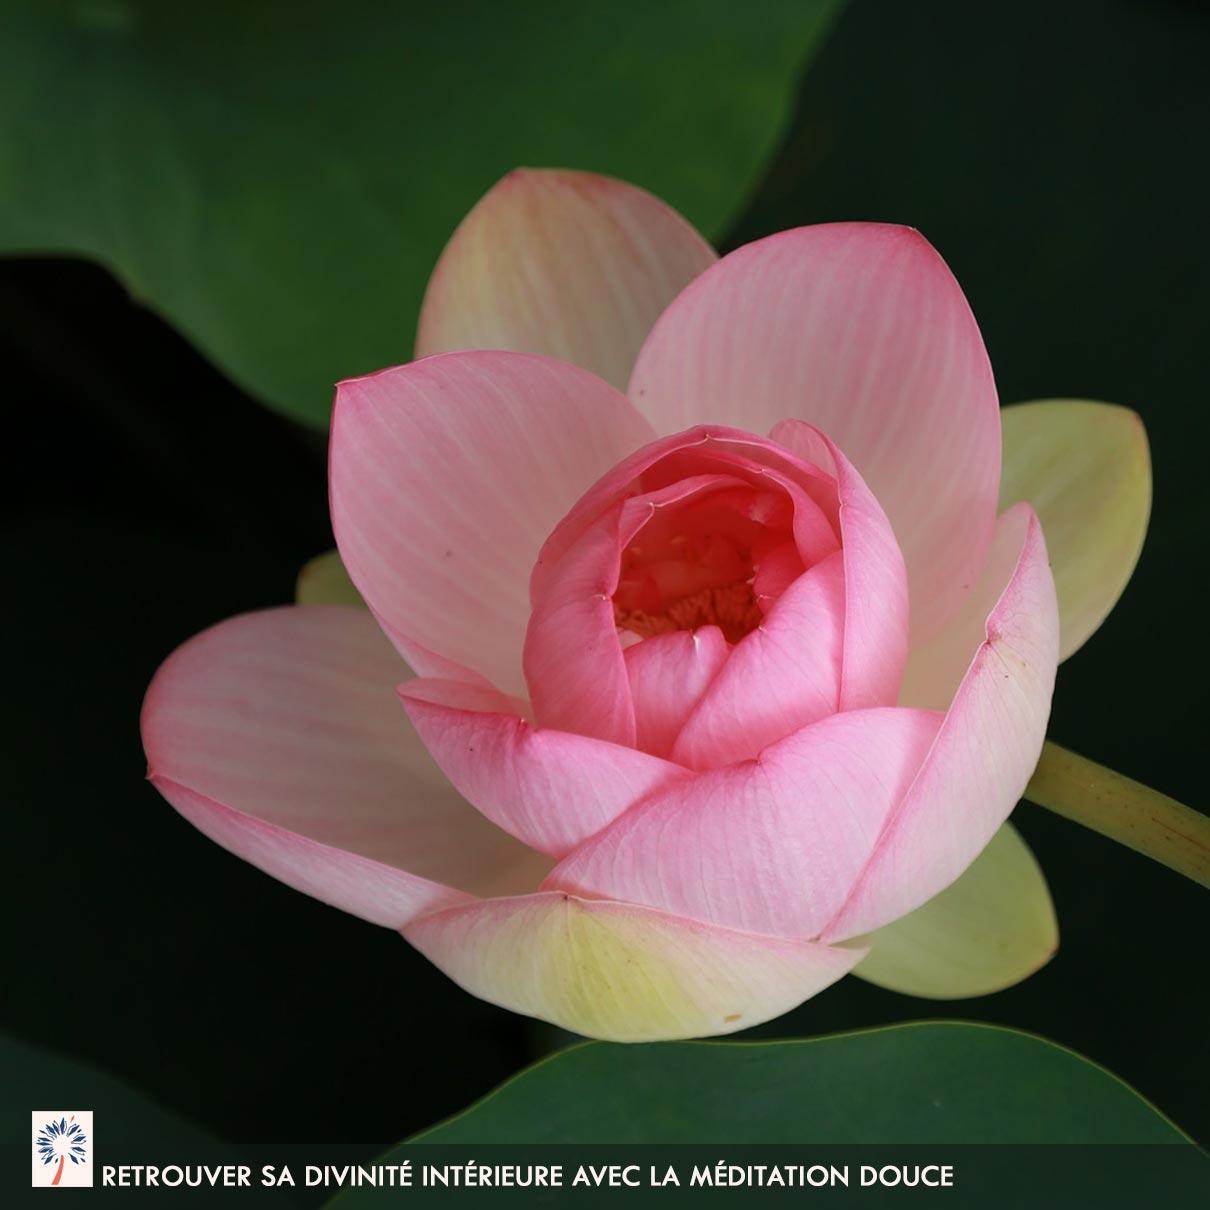 Bienfait meditation douce